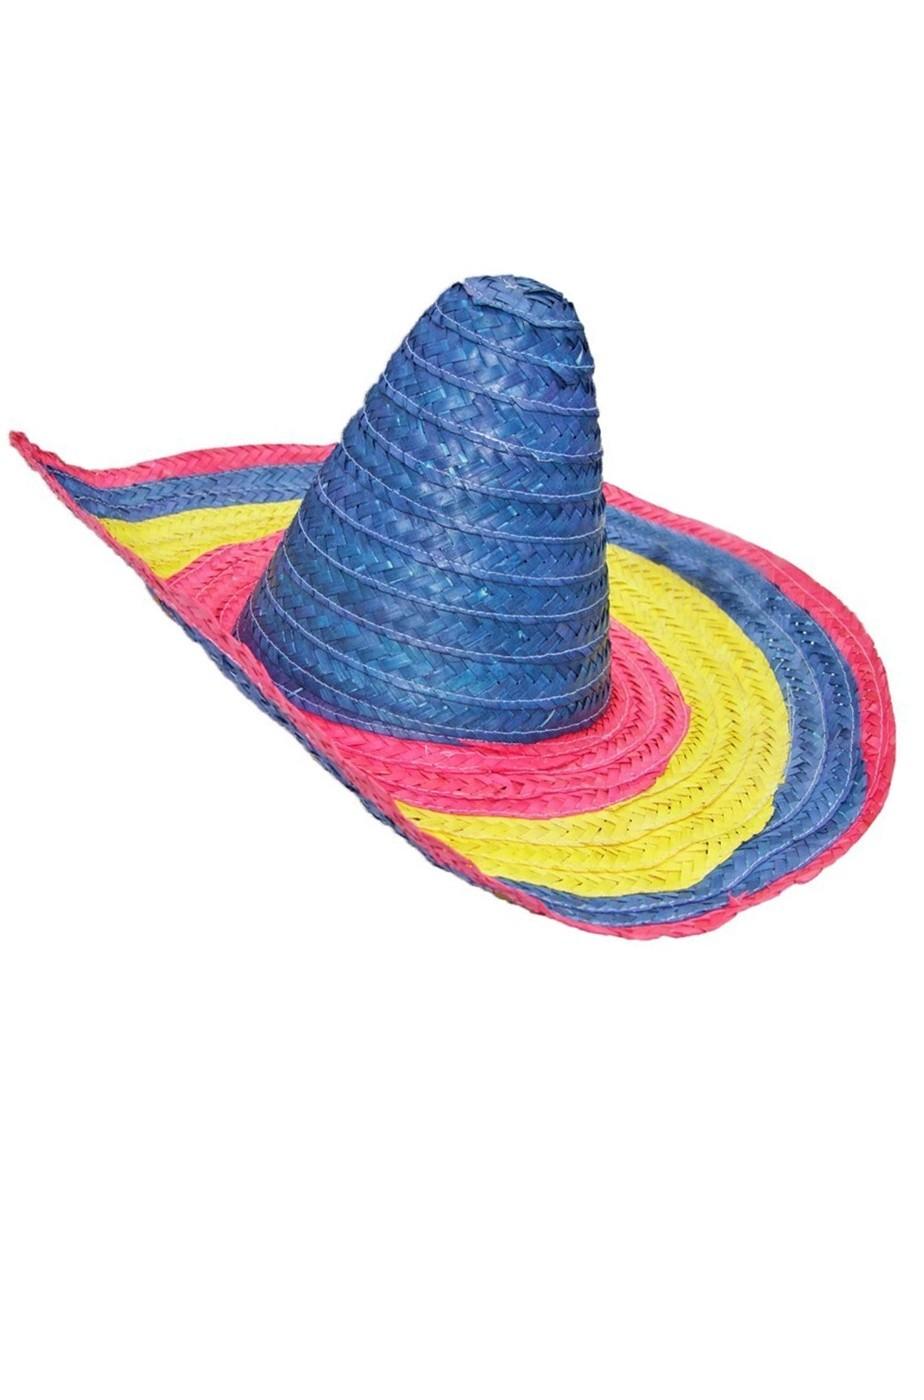 Sombrero Messicano 55 cm di diametro